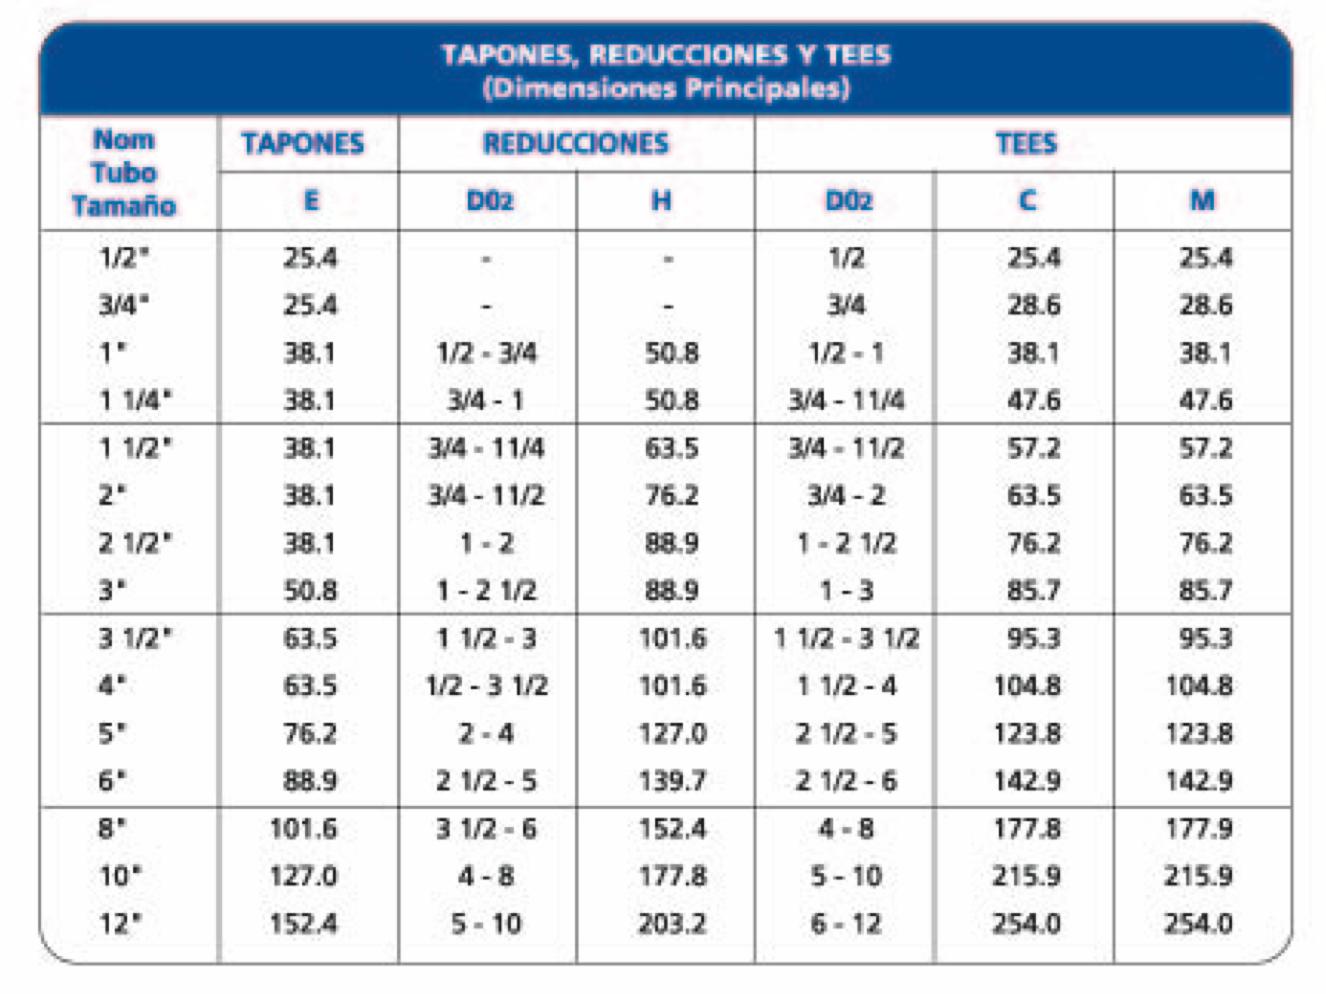 tabla tapones, reducciones y tees de acero - dimensiones